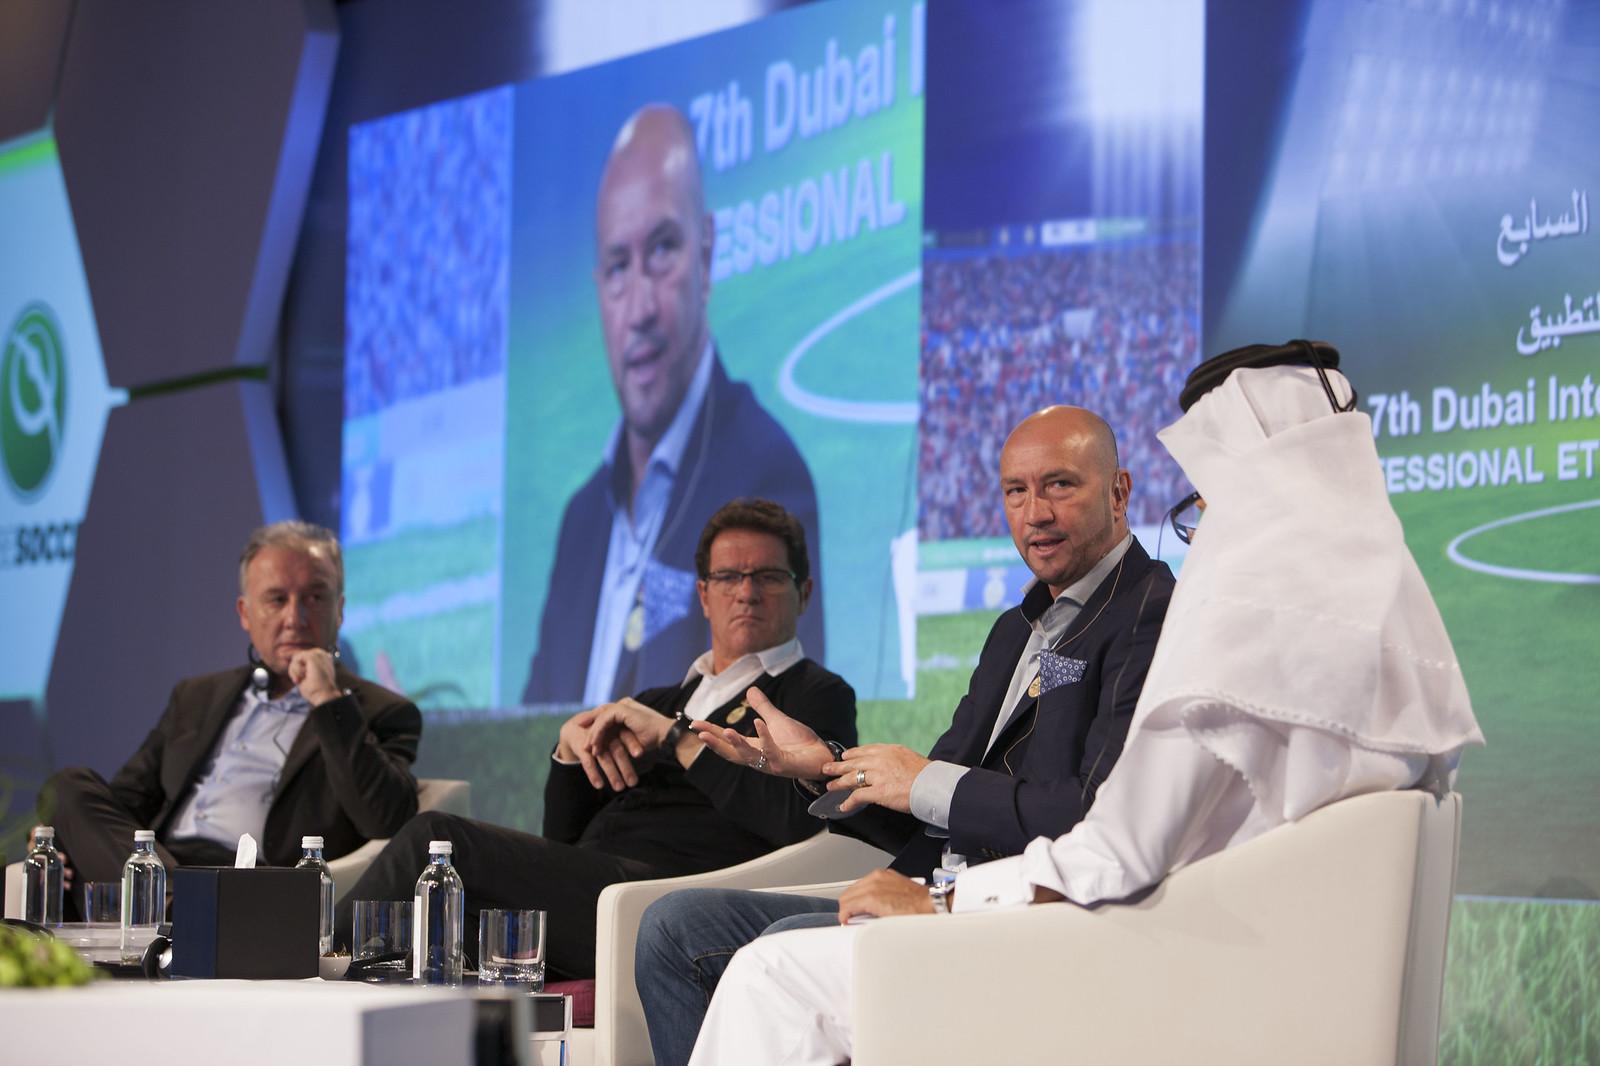 Alberto Zaccheroni, Fabio Capello and Walter Zenga